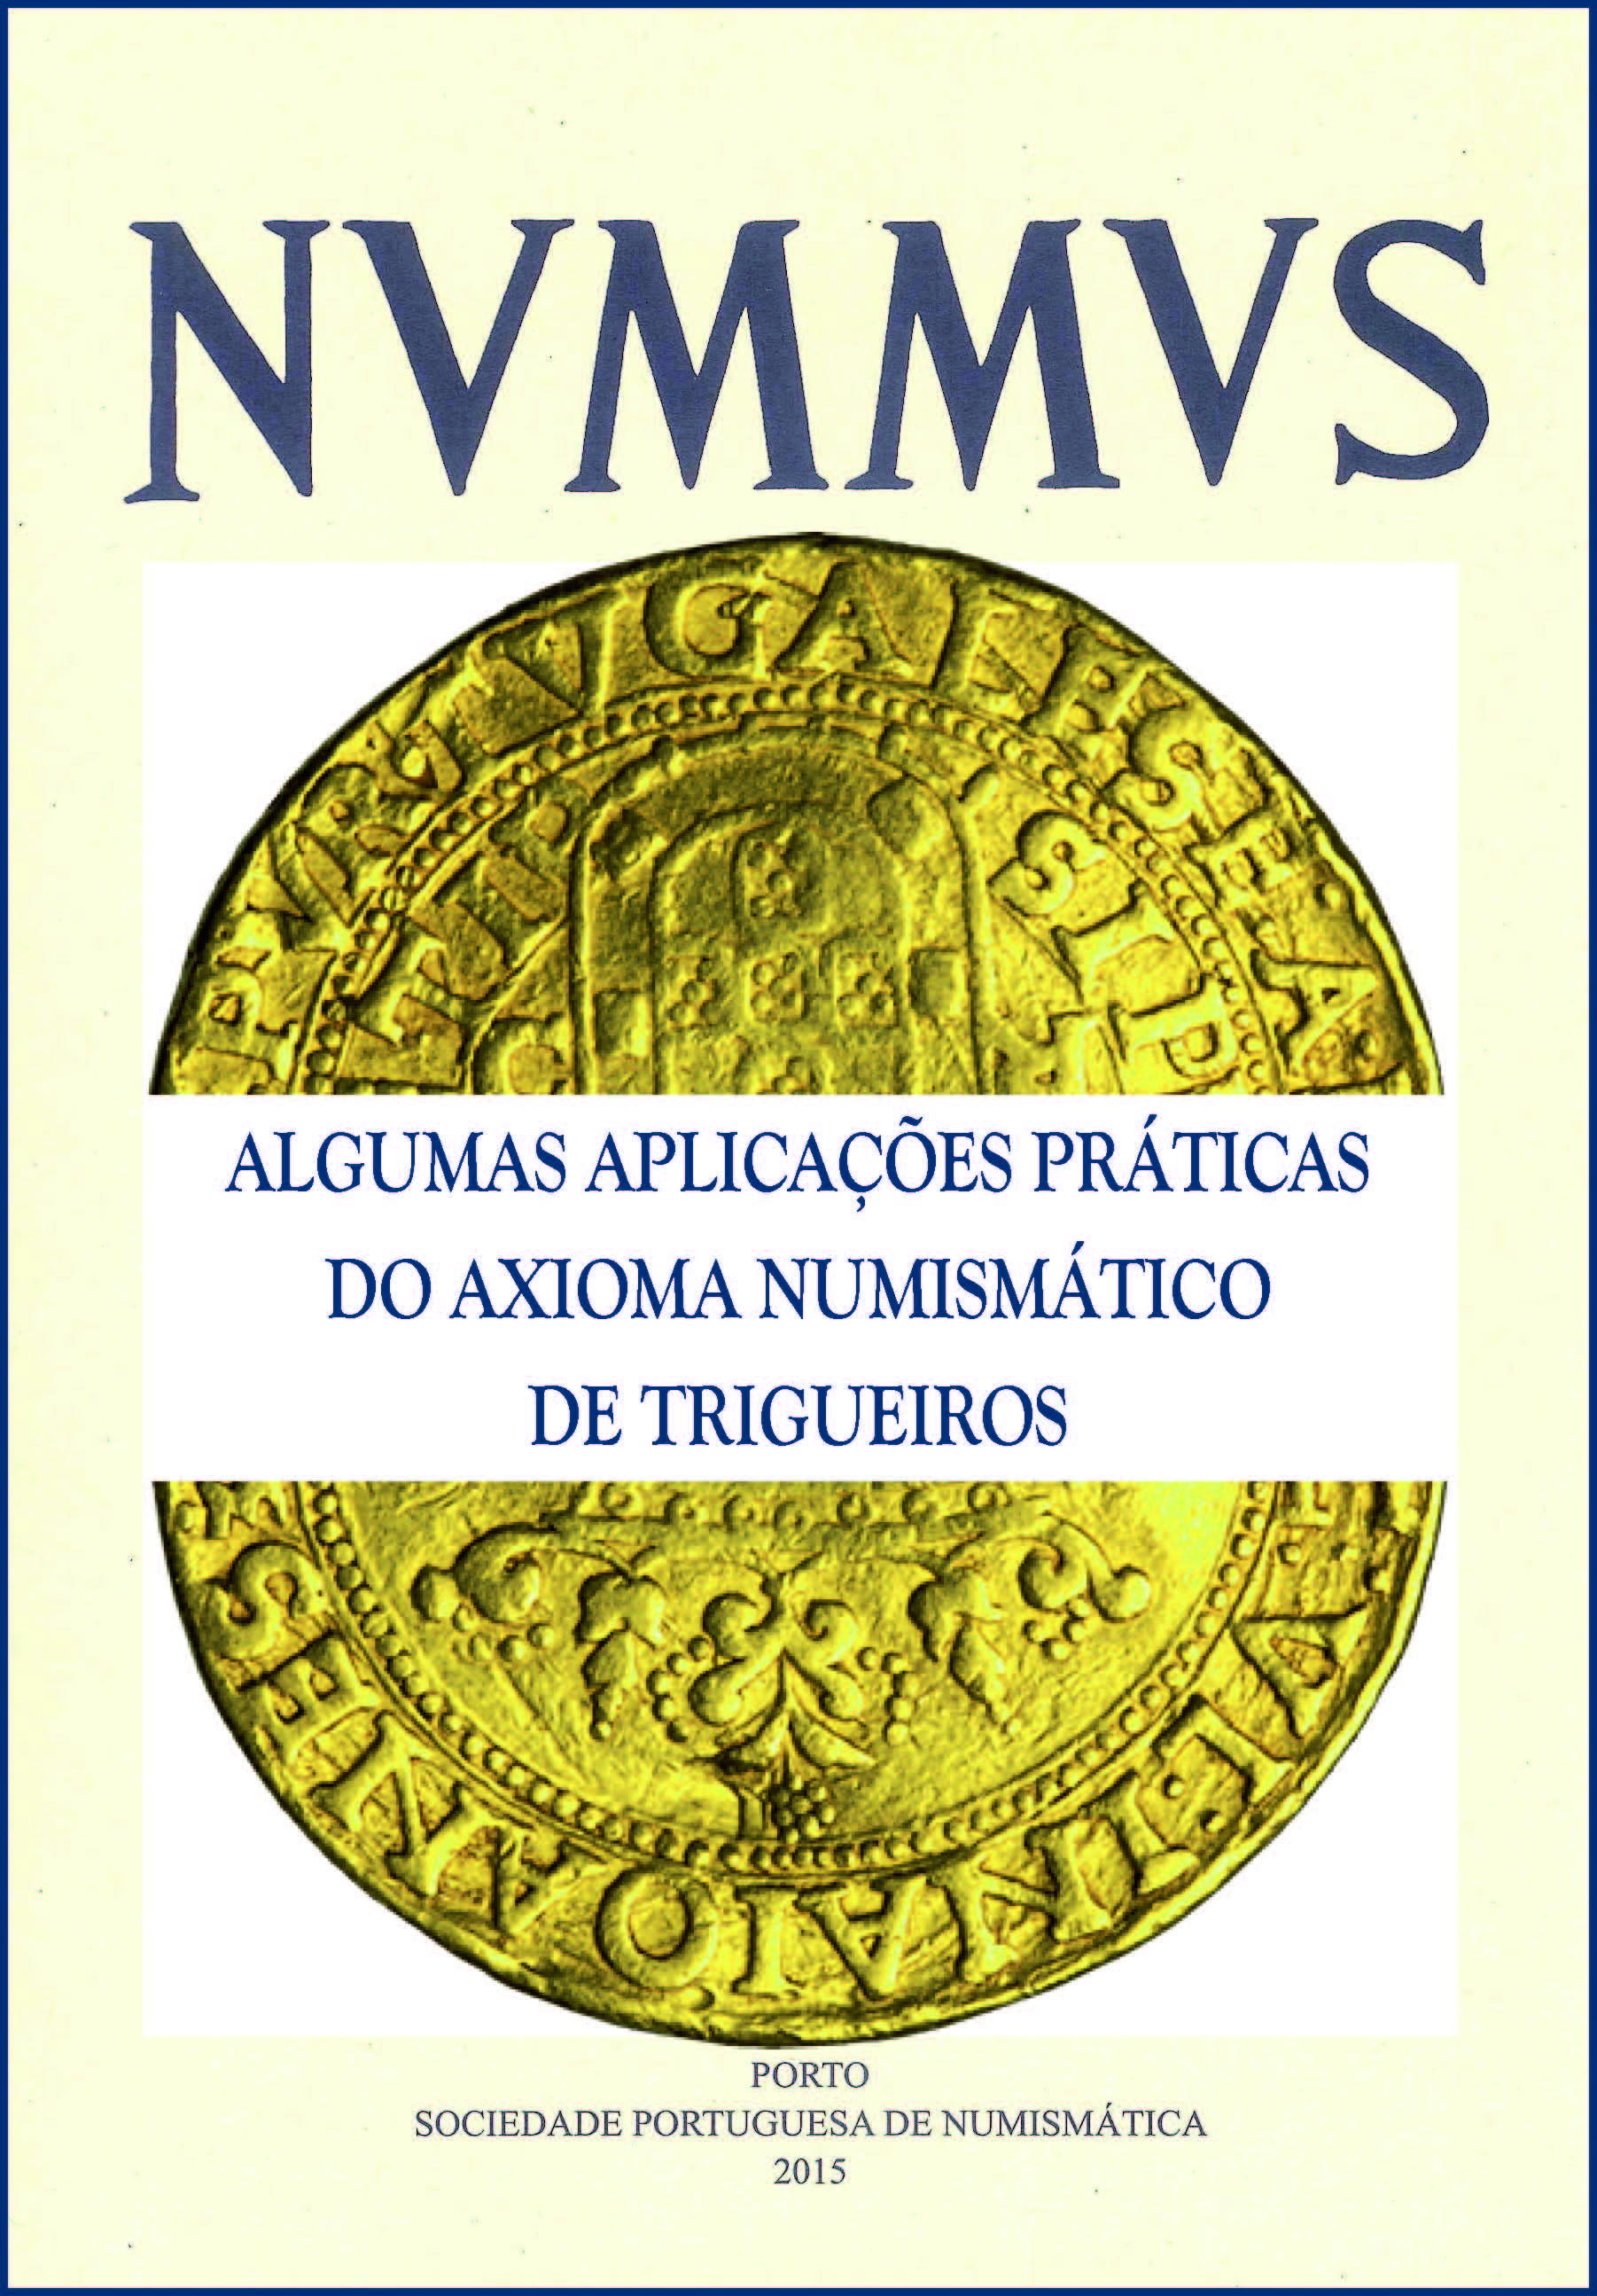 Axioma Numismático de Trigueiros